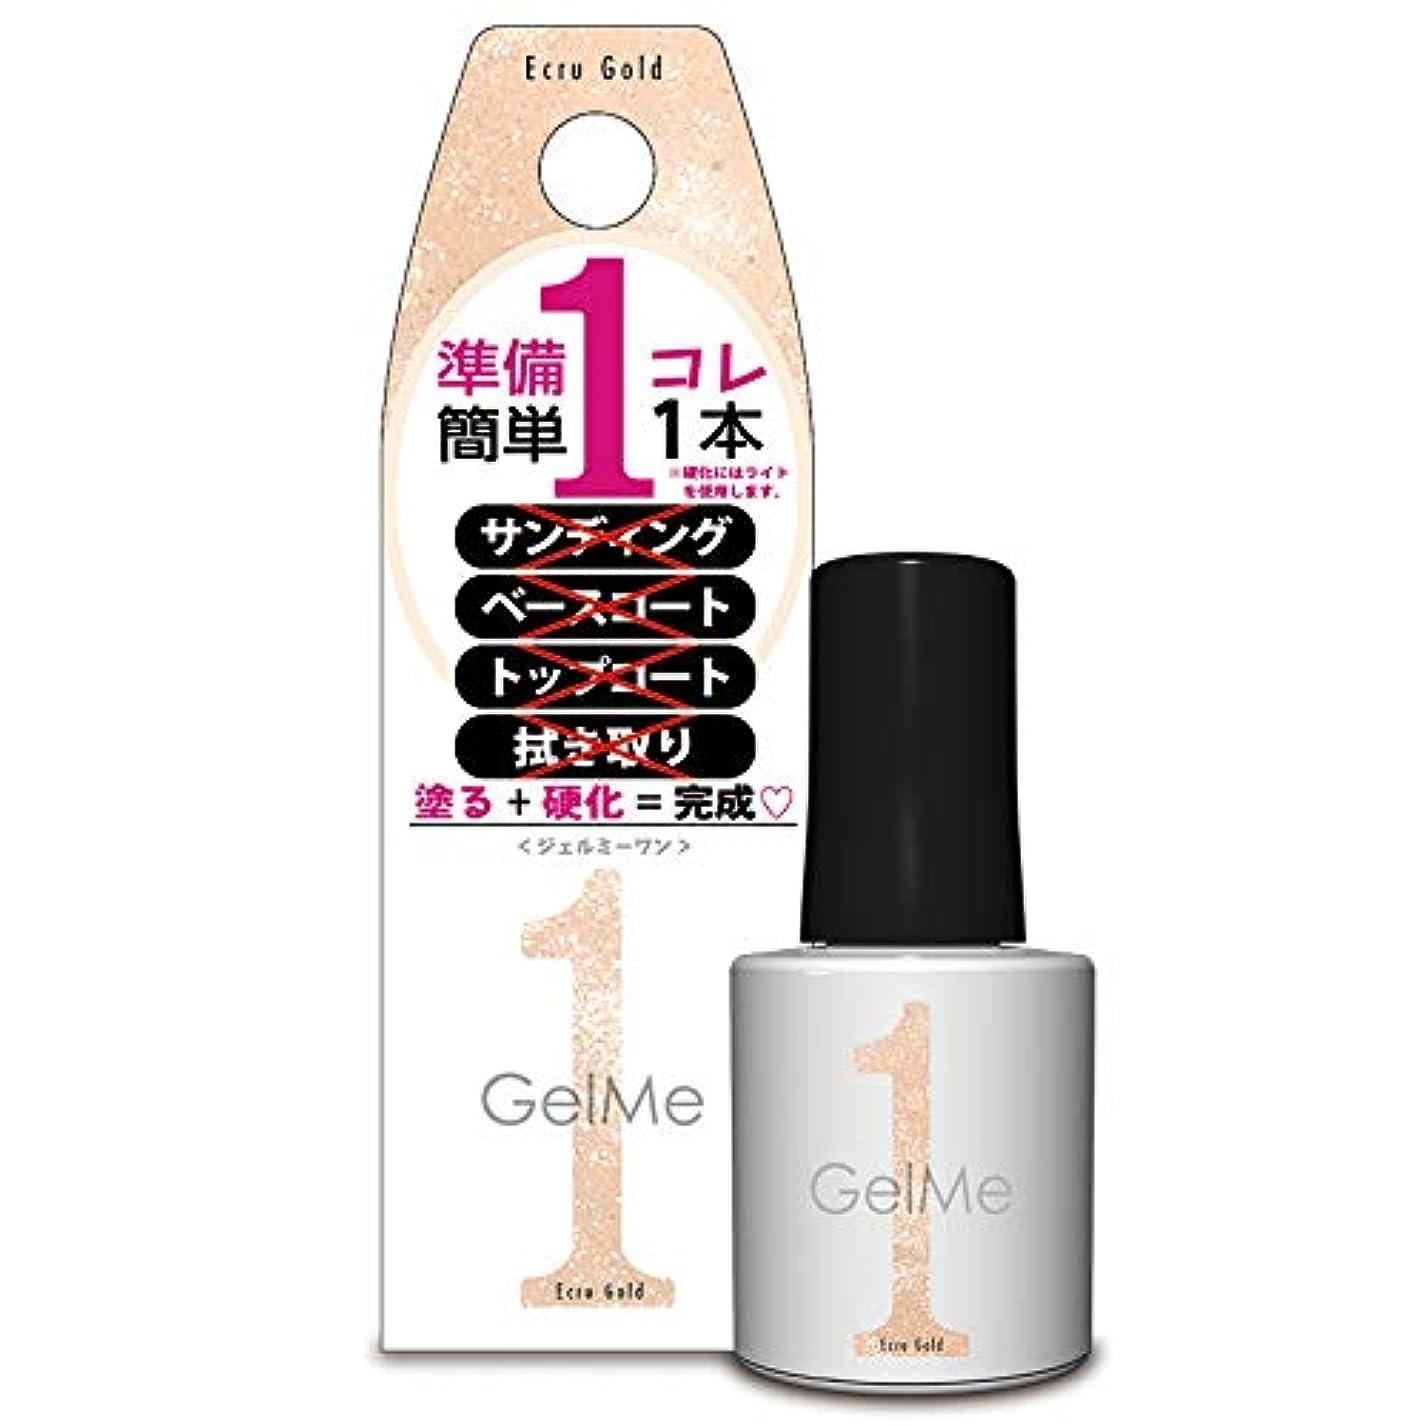 Gel me 1(ジェルミーワン) ジェルミーワン 79 エクリュゴールド ジェルネイル 10ml